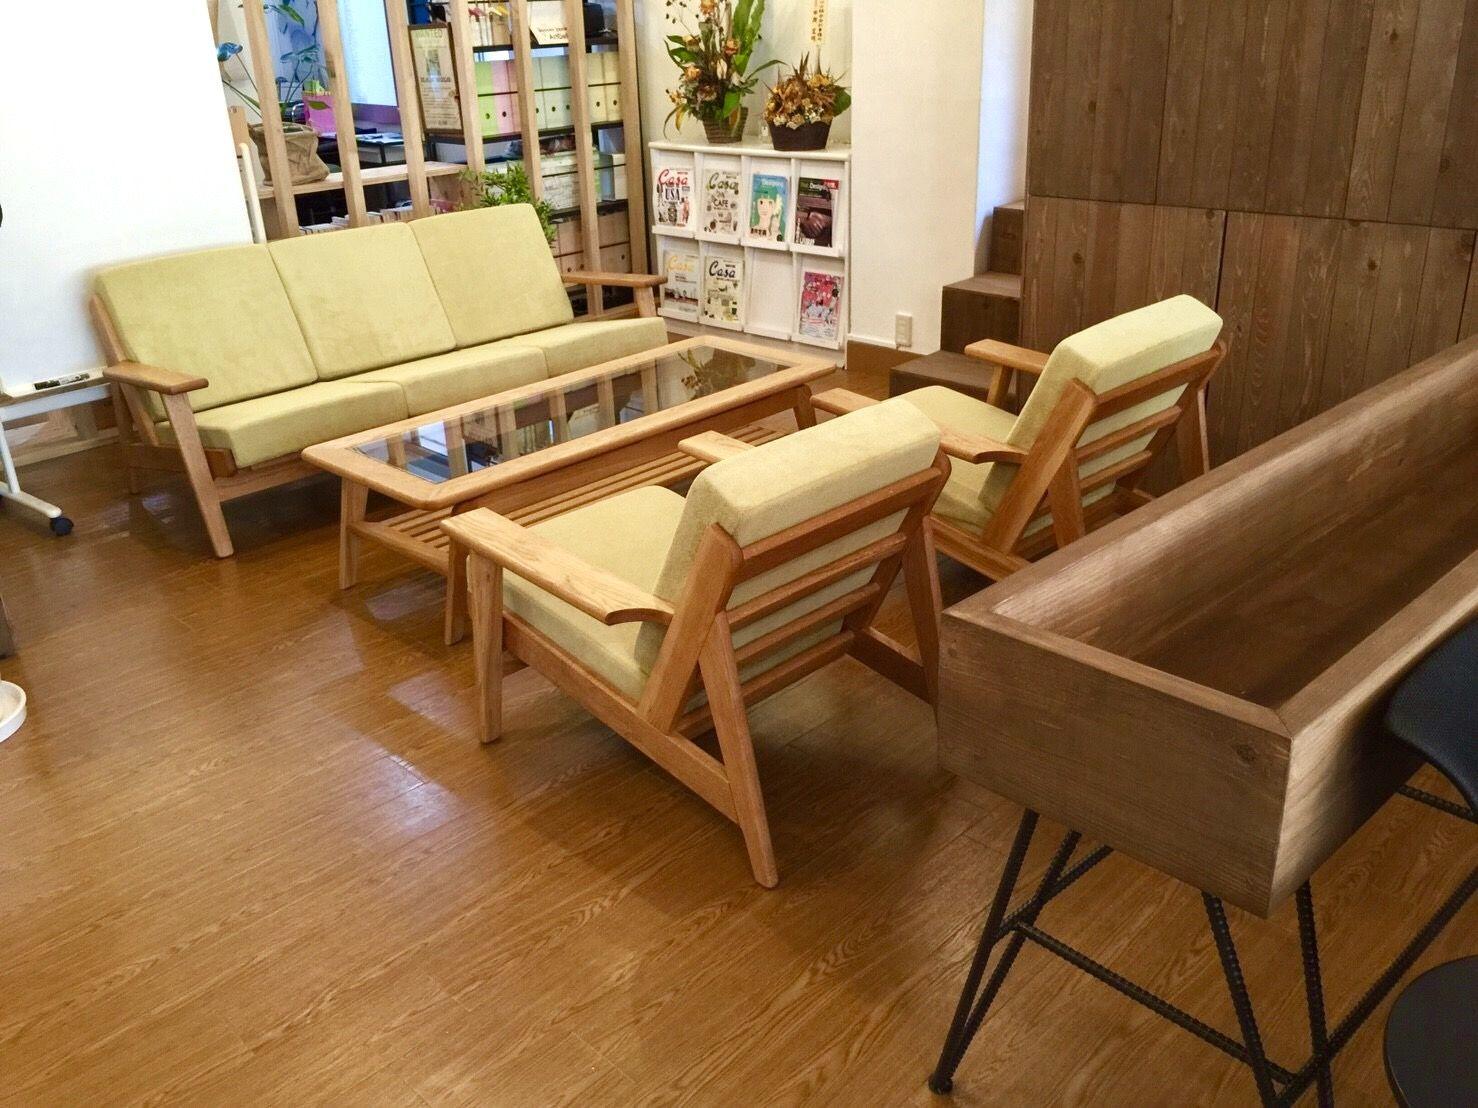 オーダーメイドのソファとコーヒーテーブル